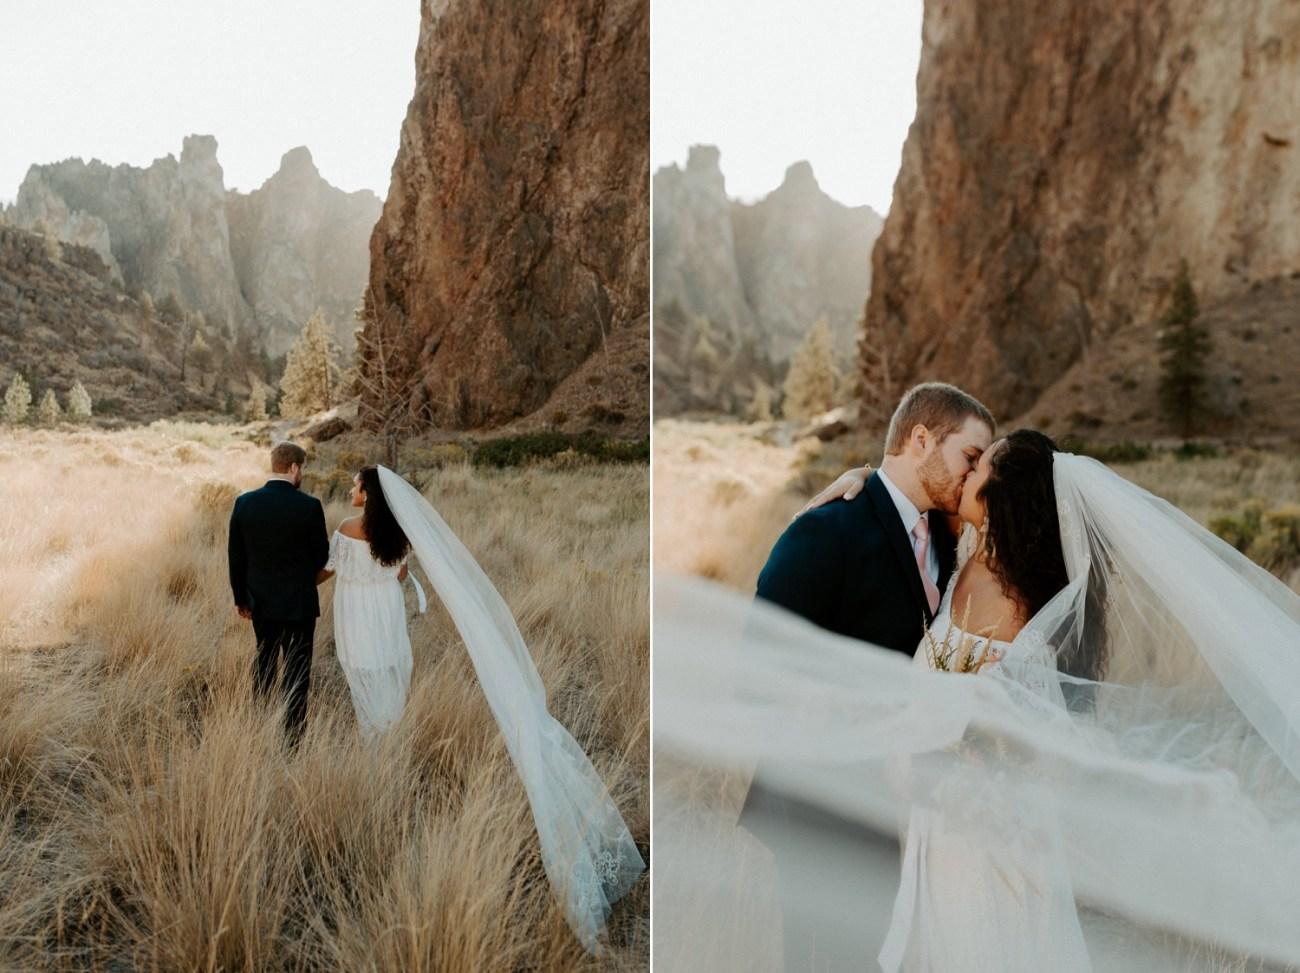 Smith Rock Elopement Bend Elopement Photographer Bend Wedding Photographer Fall Bend Wedding Anais Possamai Photography 015